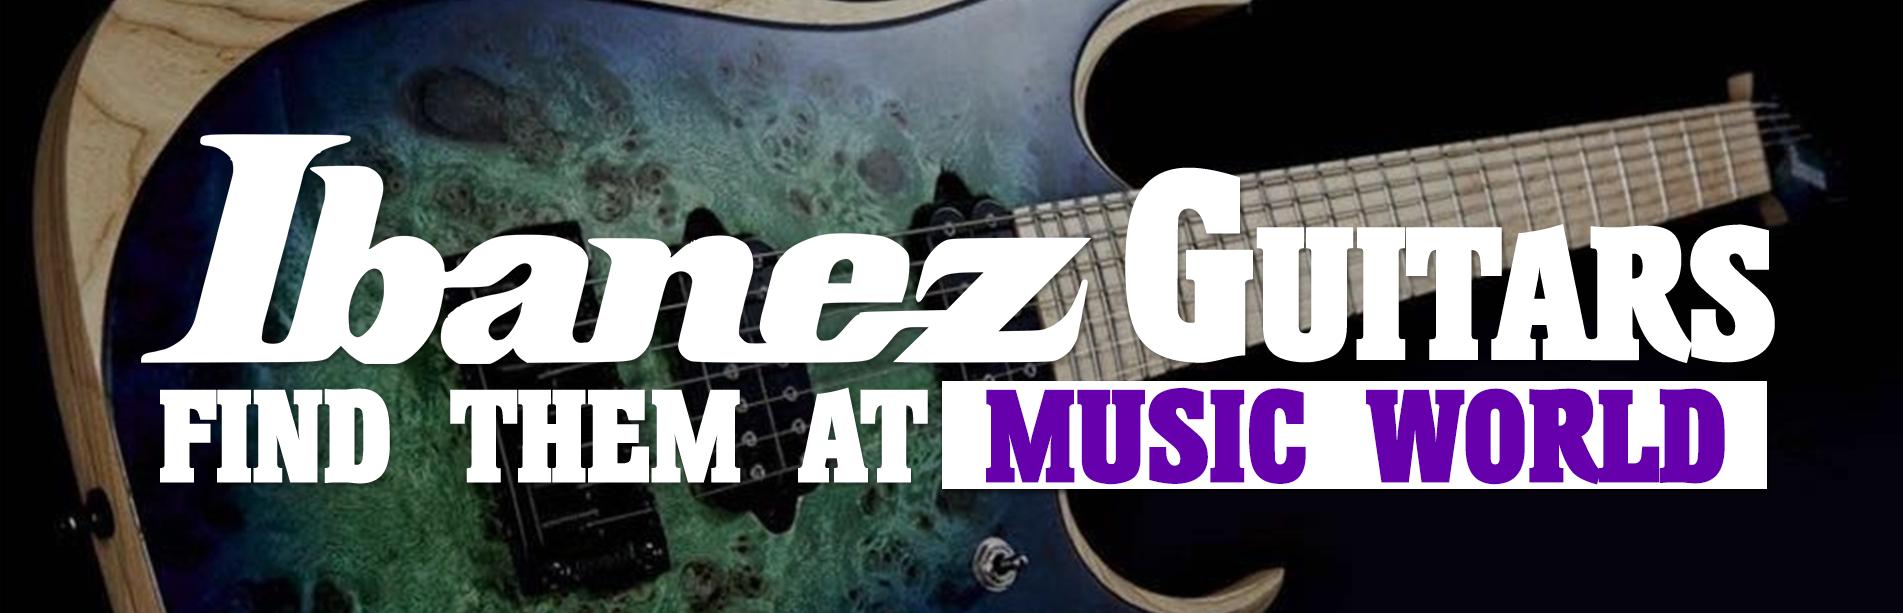 Ibanez-Guitars